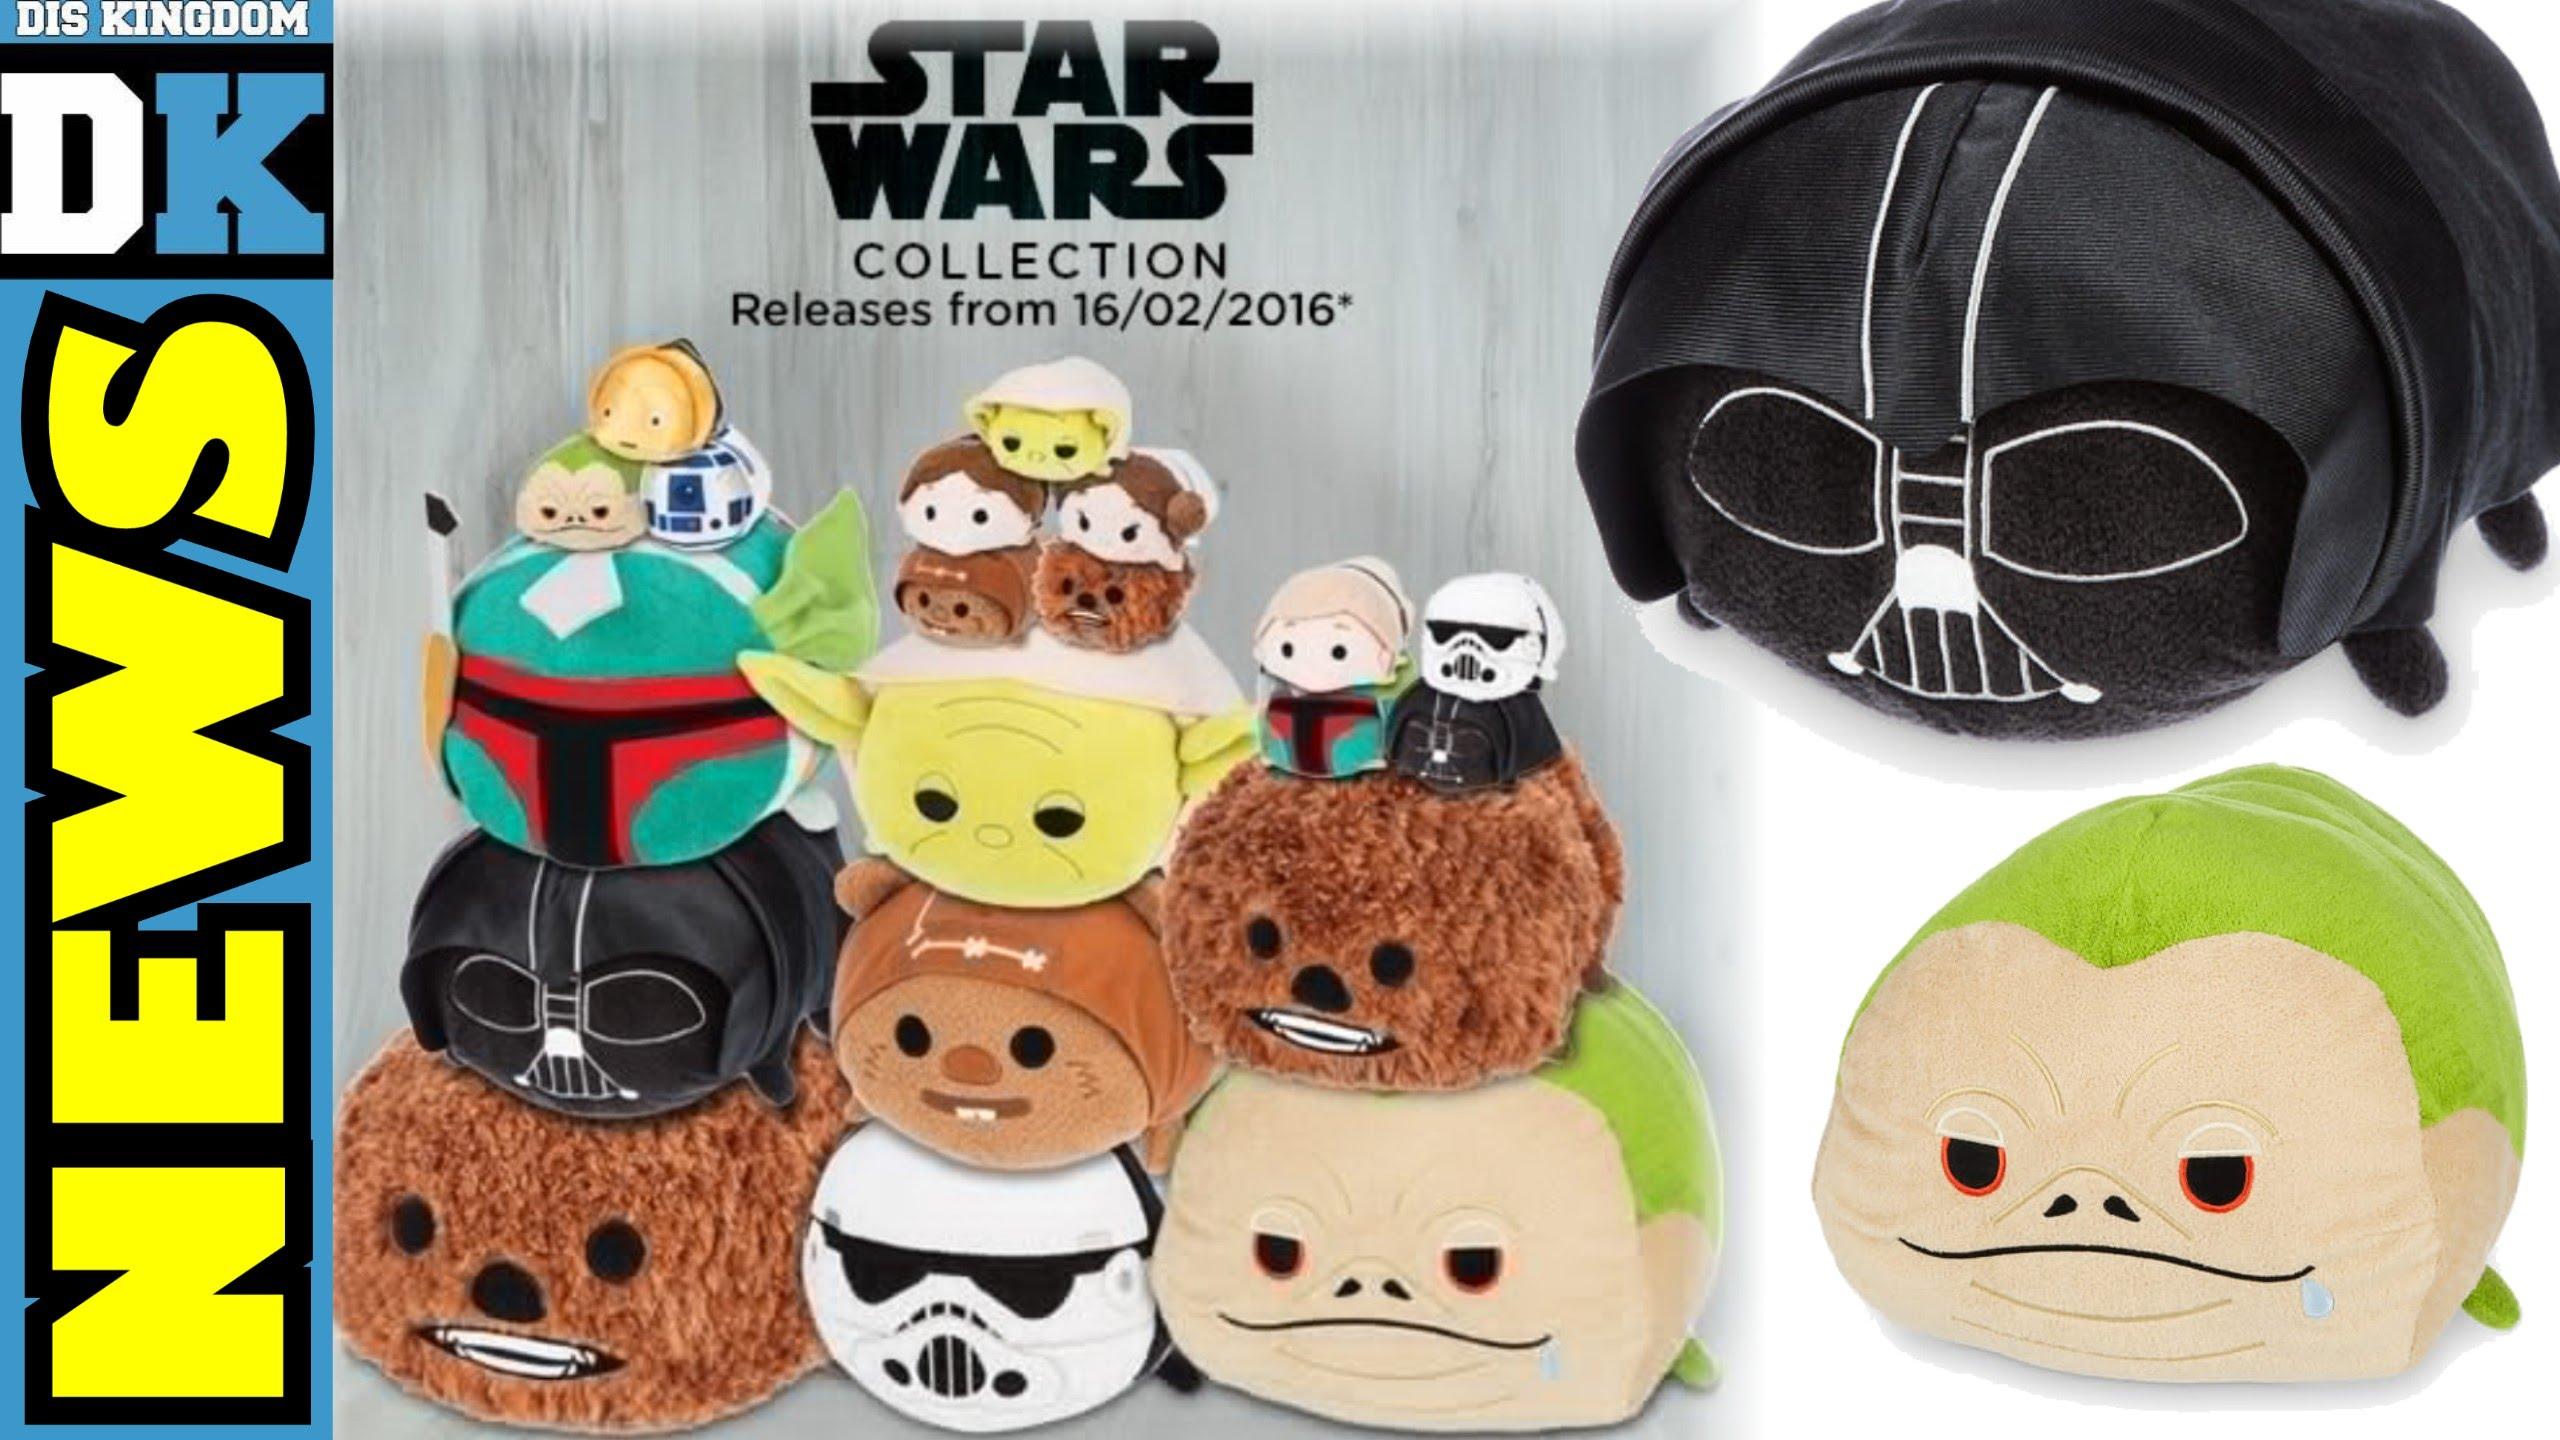 Tsum Tsum Star Wars Disney Store 2560x1440 Wallpaper Teahub Io